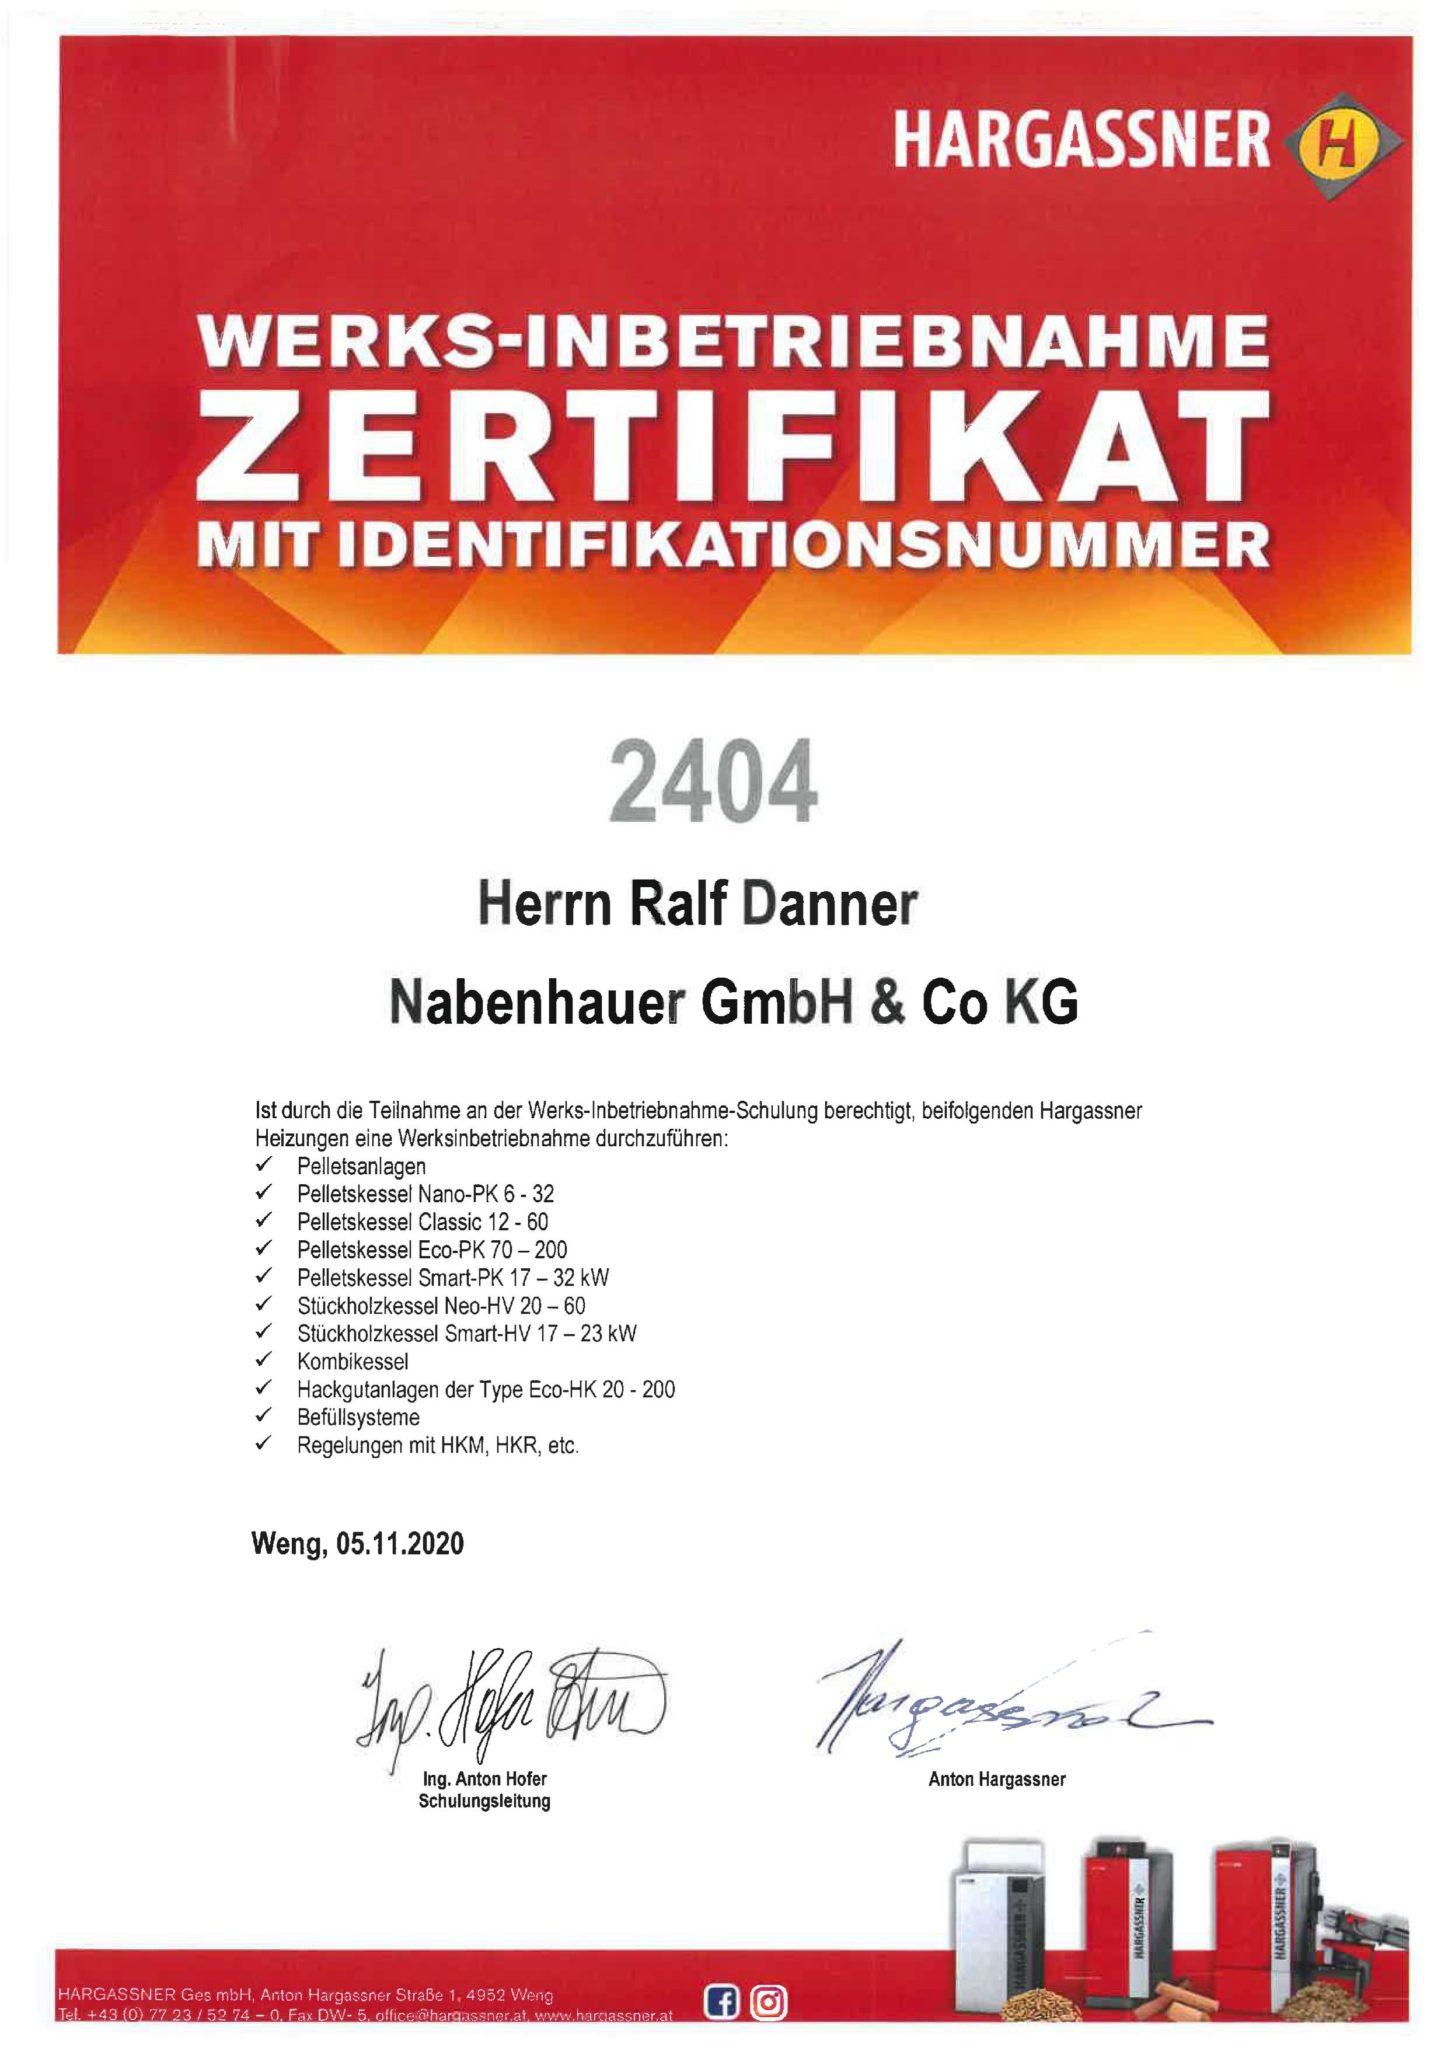 Werks-Inbetriebnahme Zertifikat